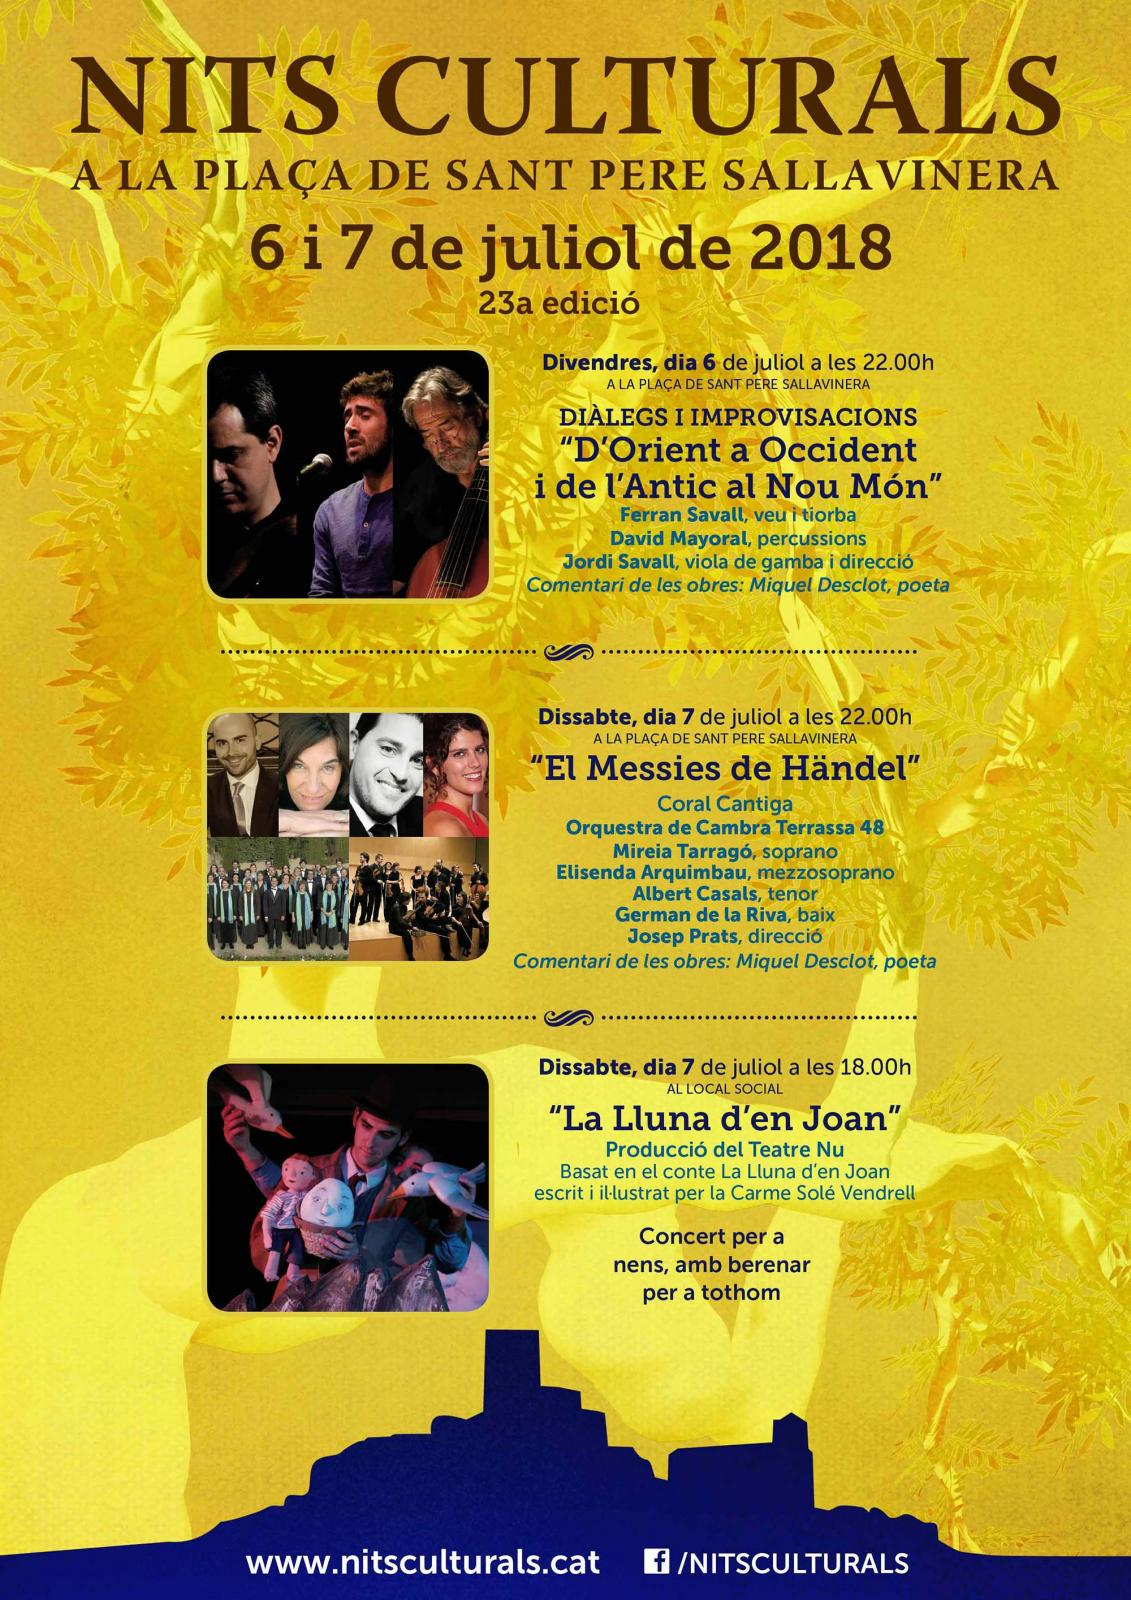 23a Nits Culturals de Sant Pere Sallavinera